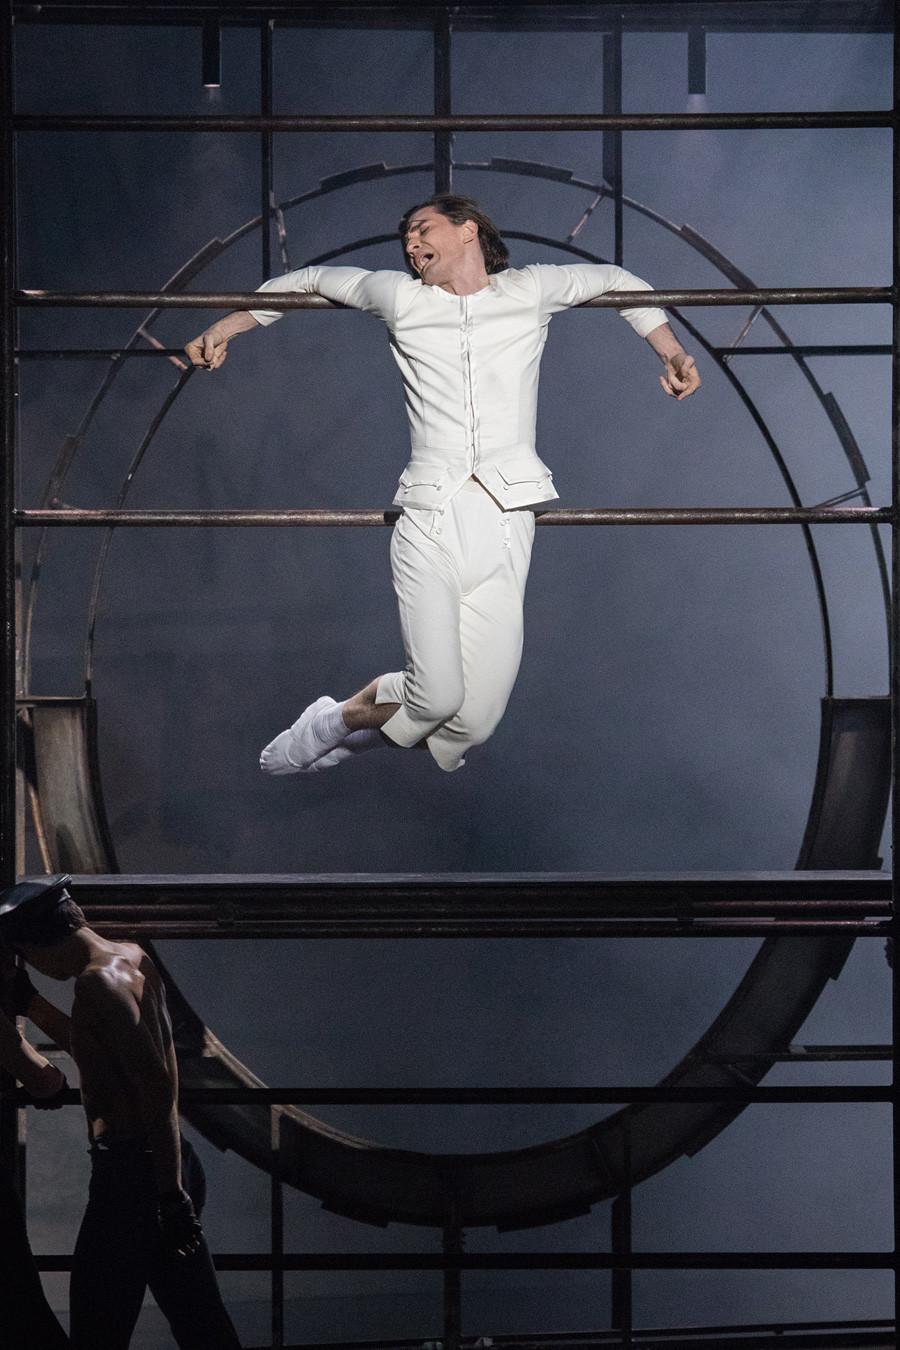 """Em 8 de julho deste ano, o teatro decidiu substituir as quatro apresentações programadas de """"Nureyev"""" pelo espetáculo """"Dom Quixote"""", sem dar maiores explicações. Cena do espetáculo"""